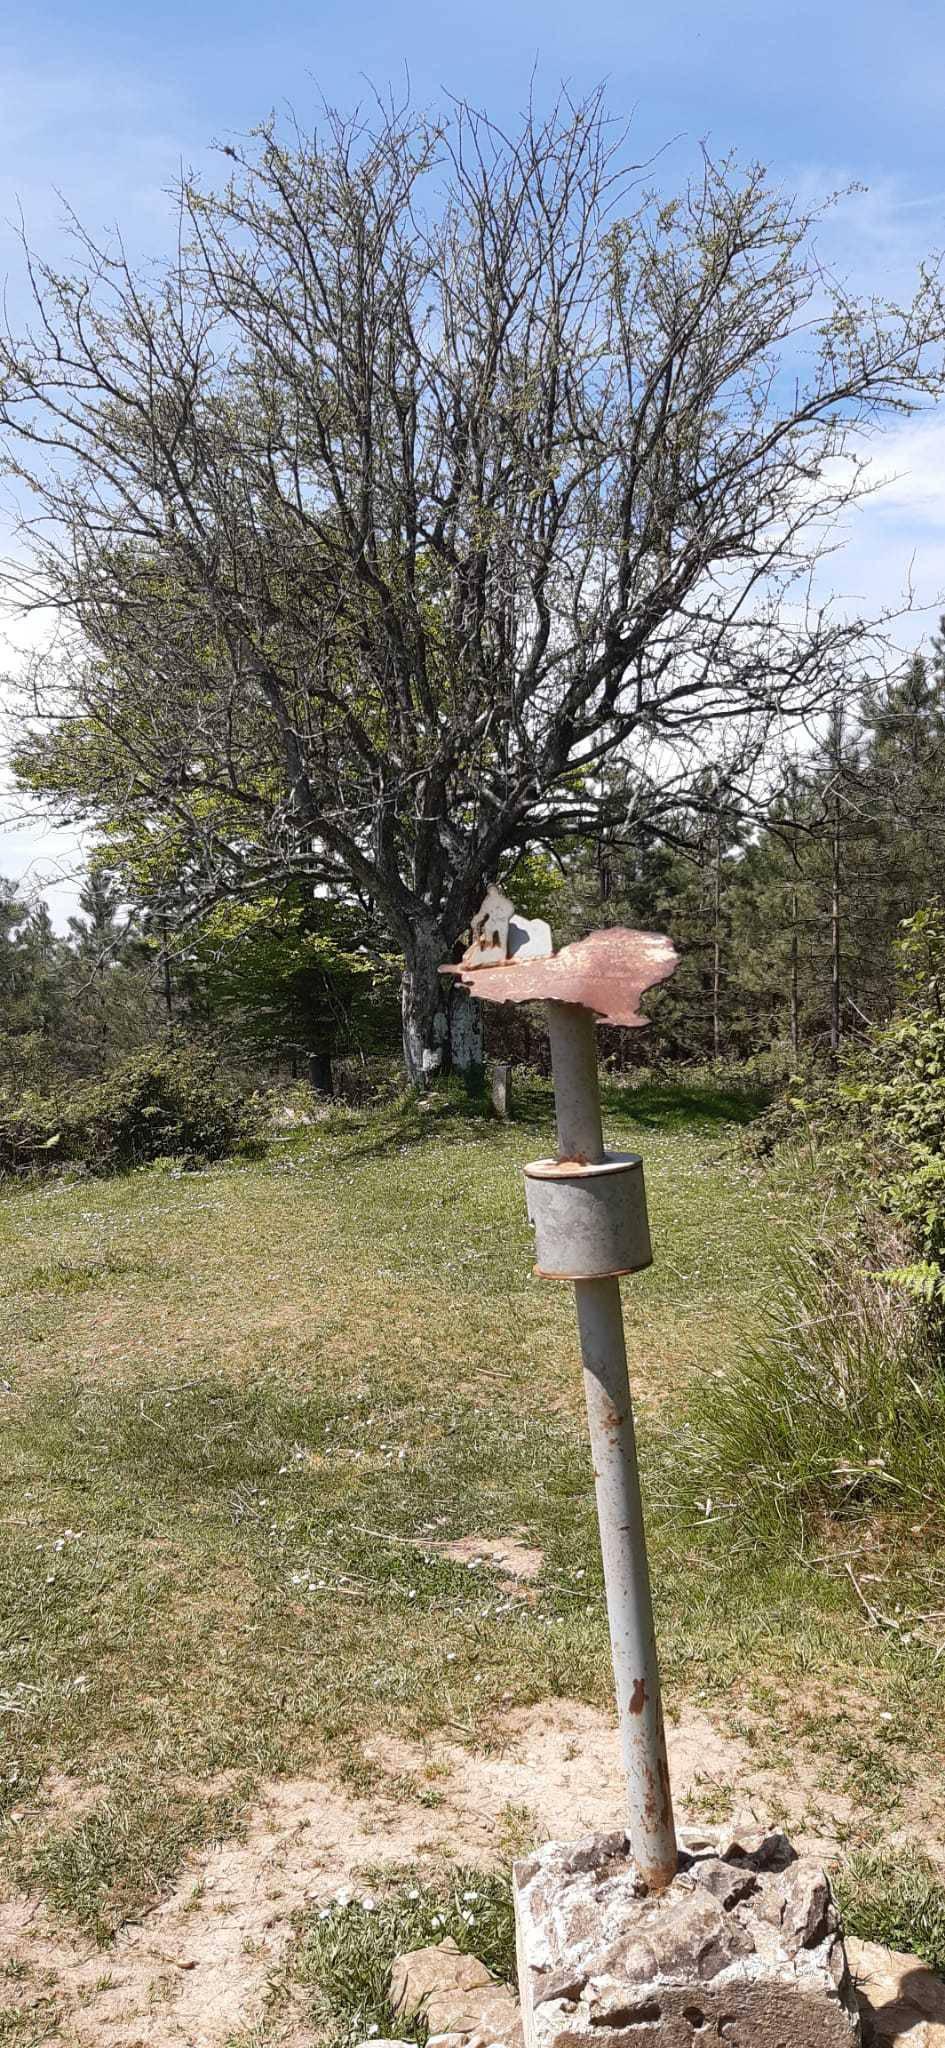 Nekane Jau erabiltzailea Txintxularra puntan, 2021-05-08 17:07